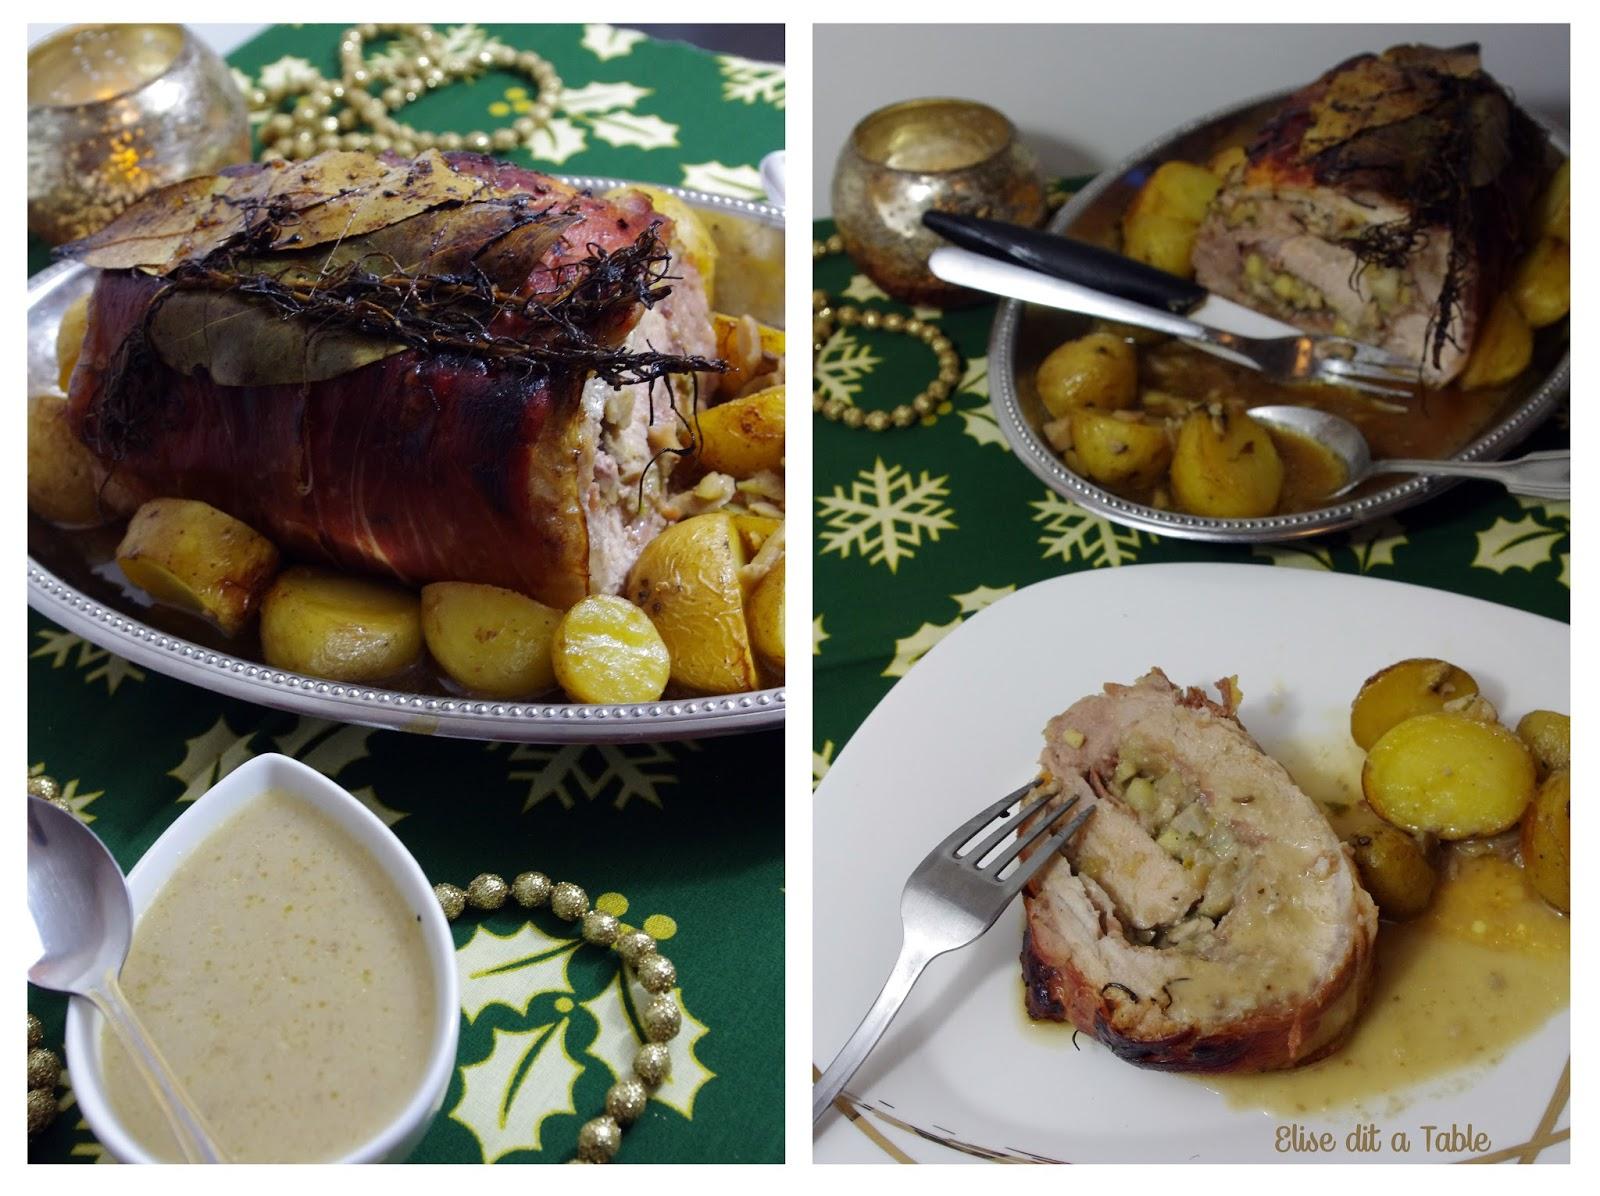 recette Rôti farci aux cèpes marrons et pommes, sauce gourmet aux cèpes